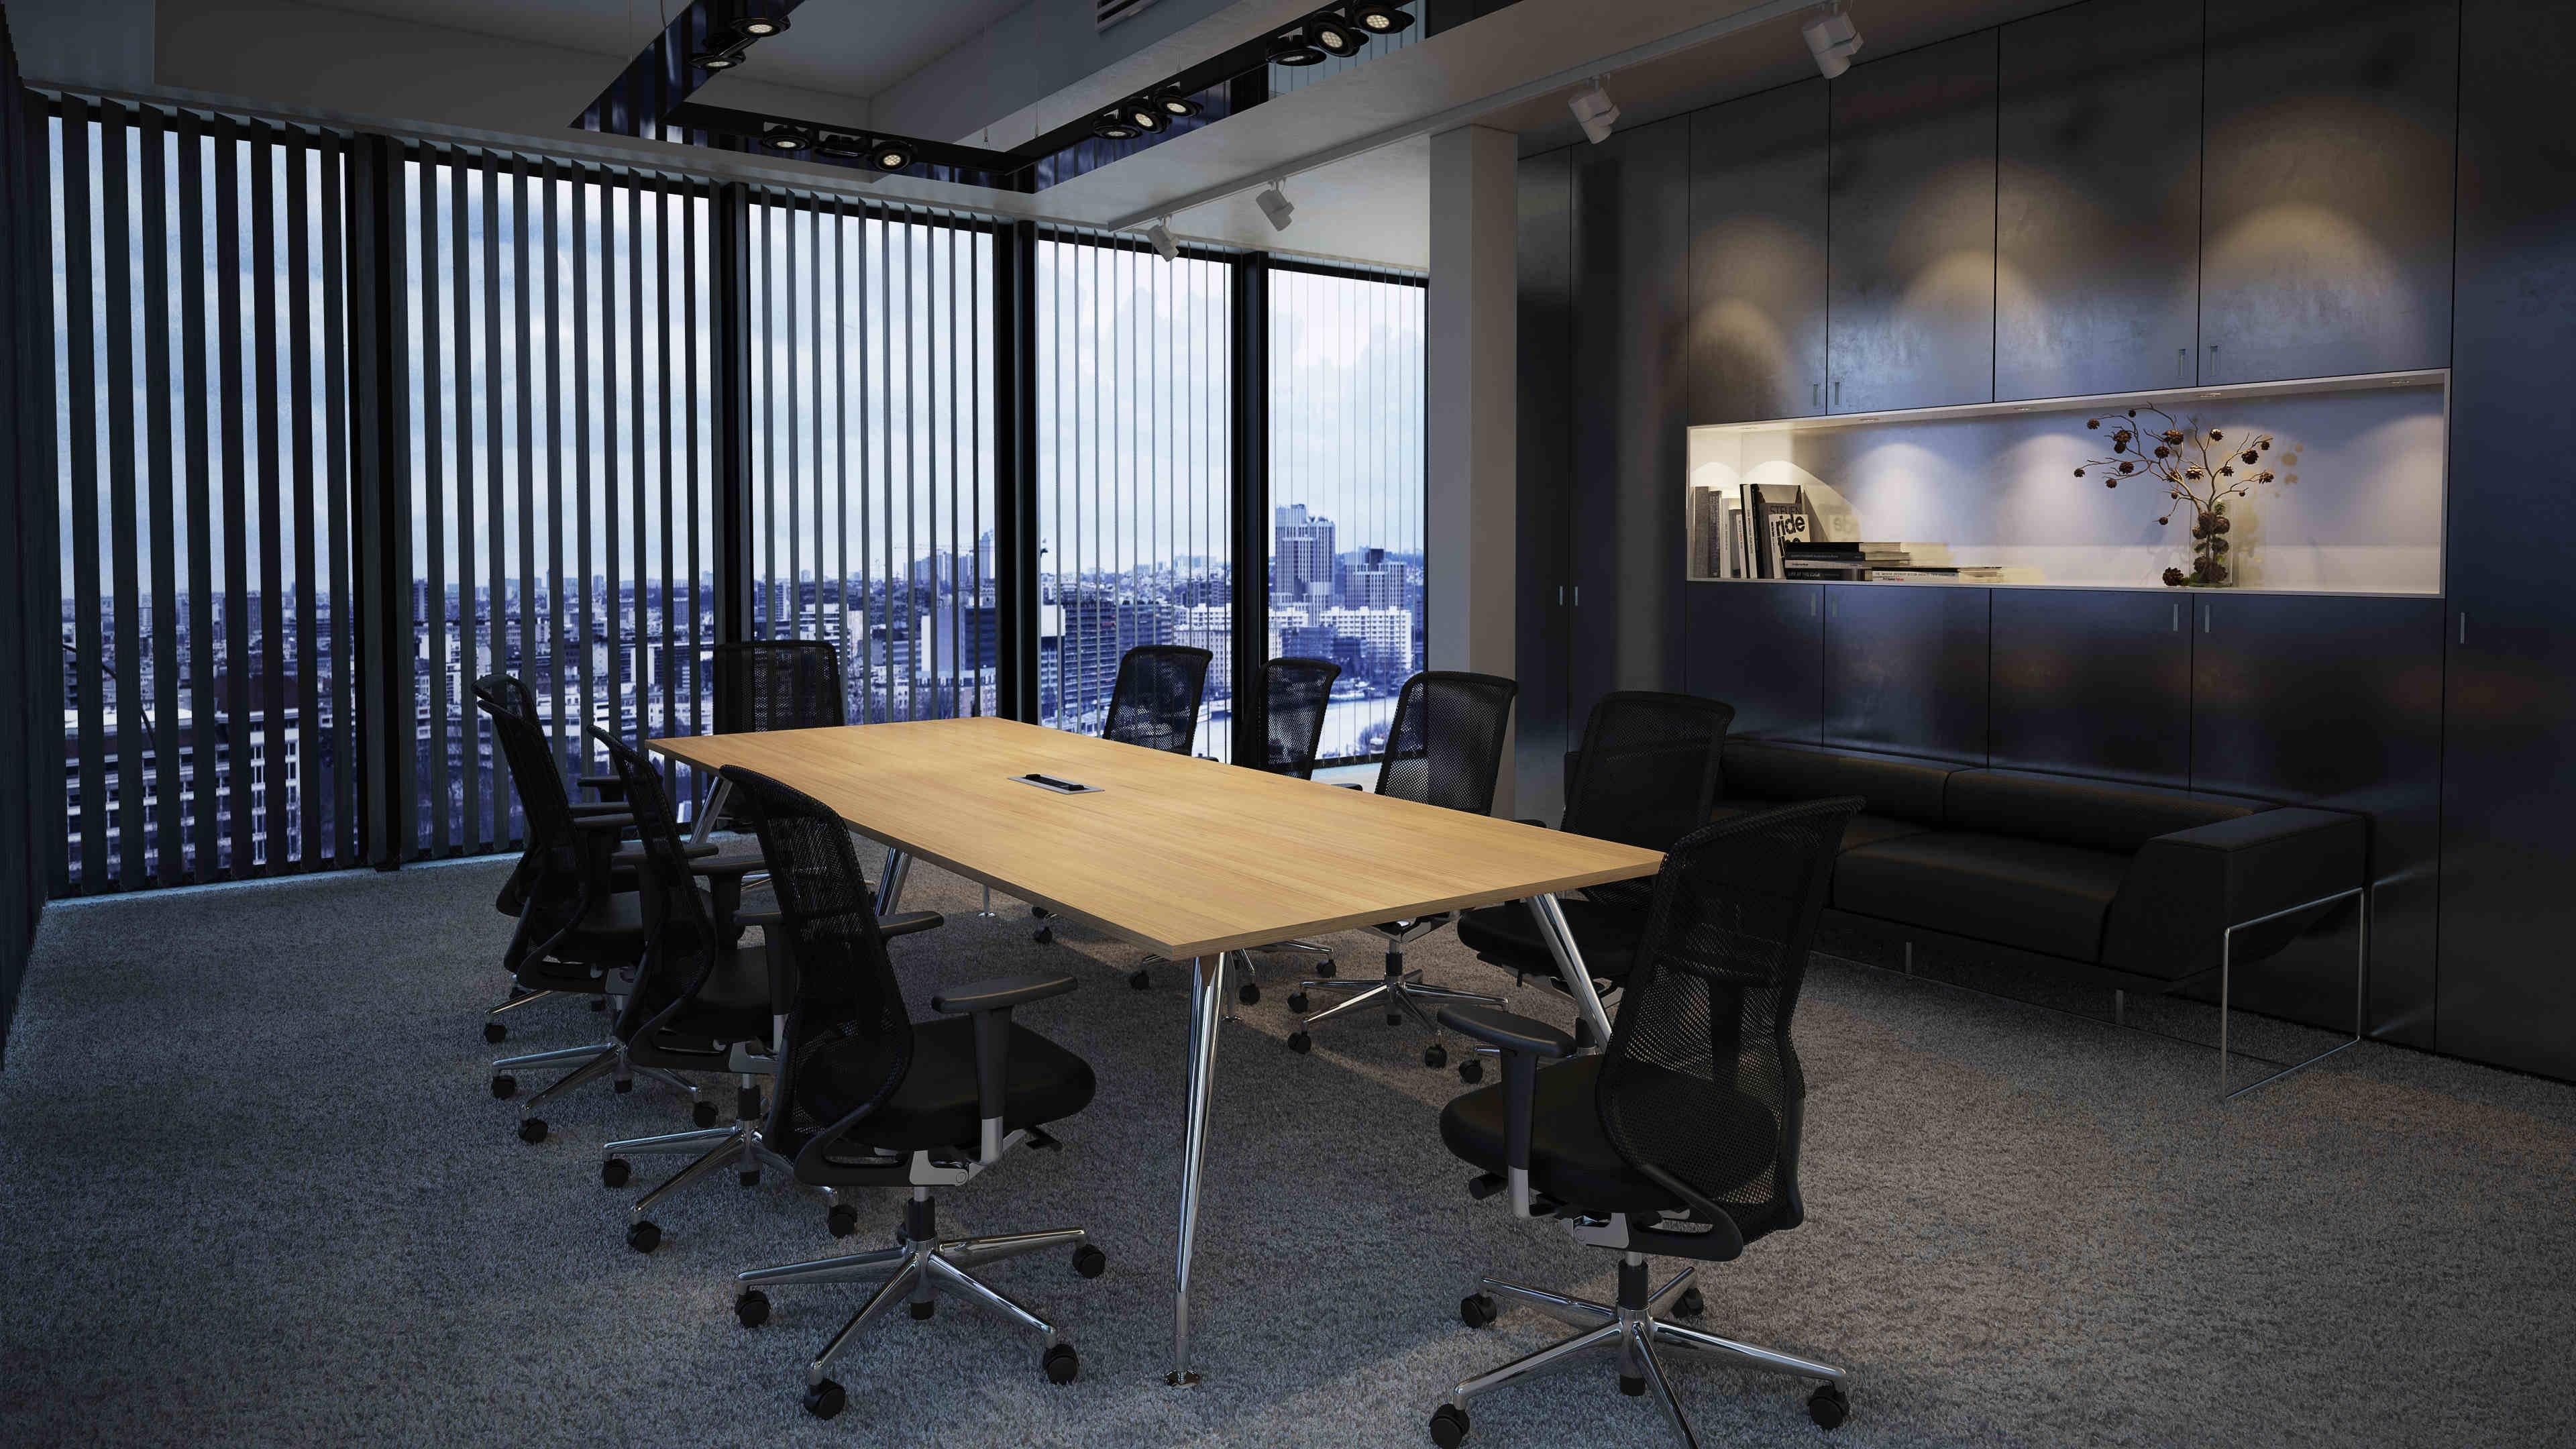 картинки фон для офиса прямое подключение усилителю